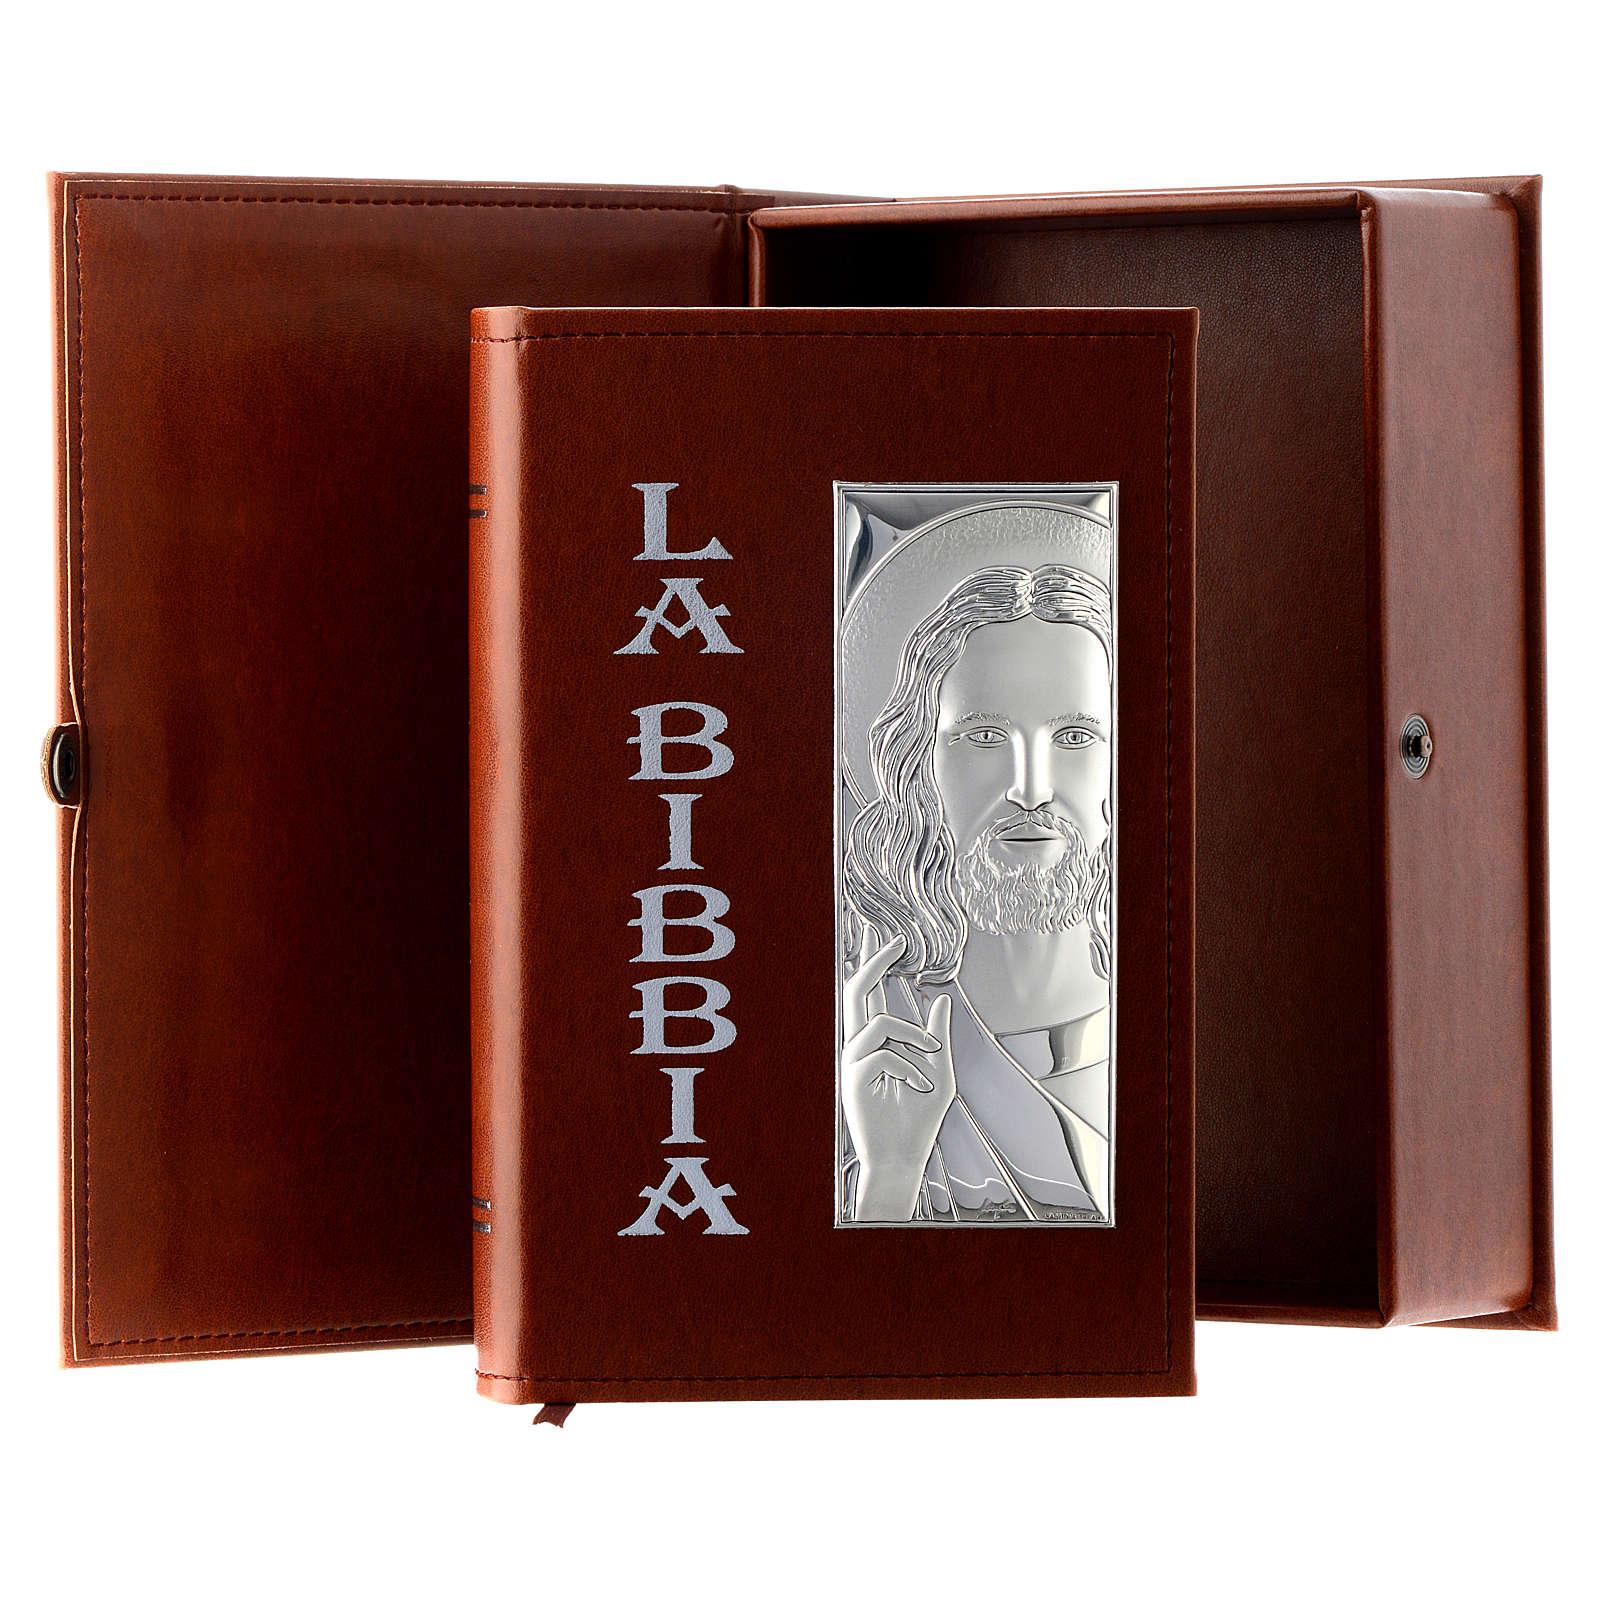 Bibbia in similpelle marrone immagine Gesù in bilaminato argento 3